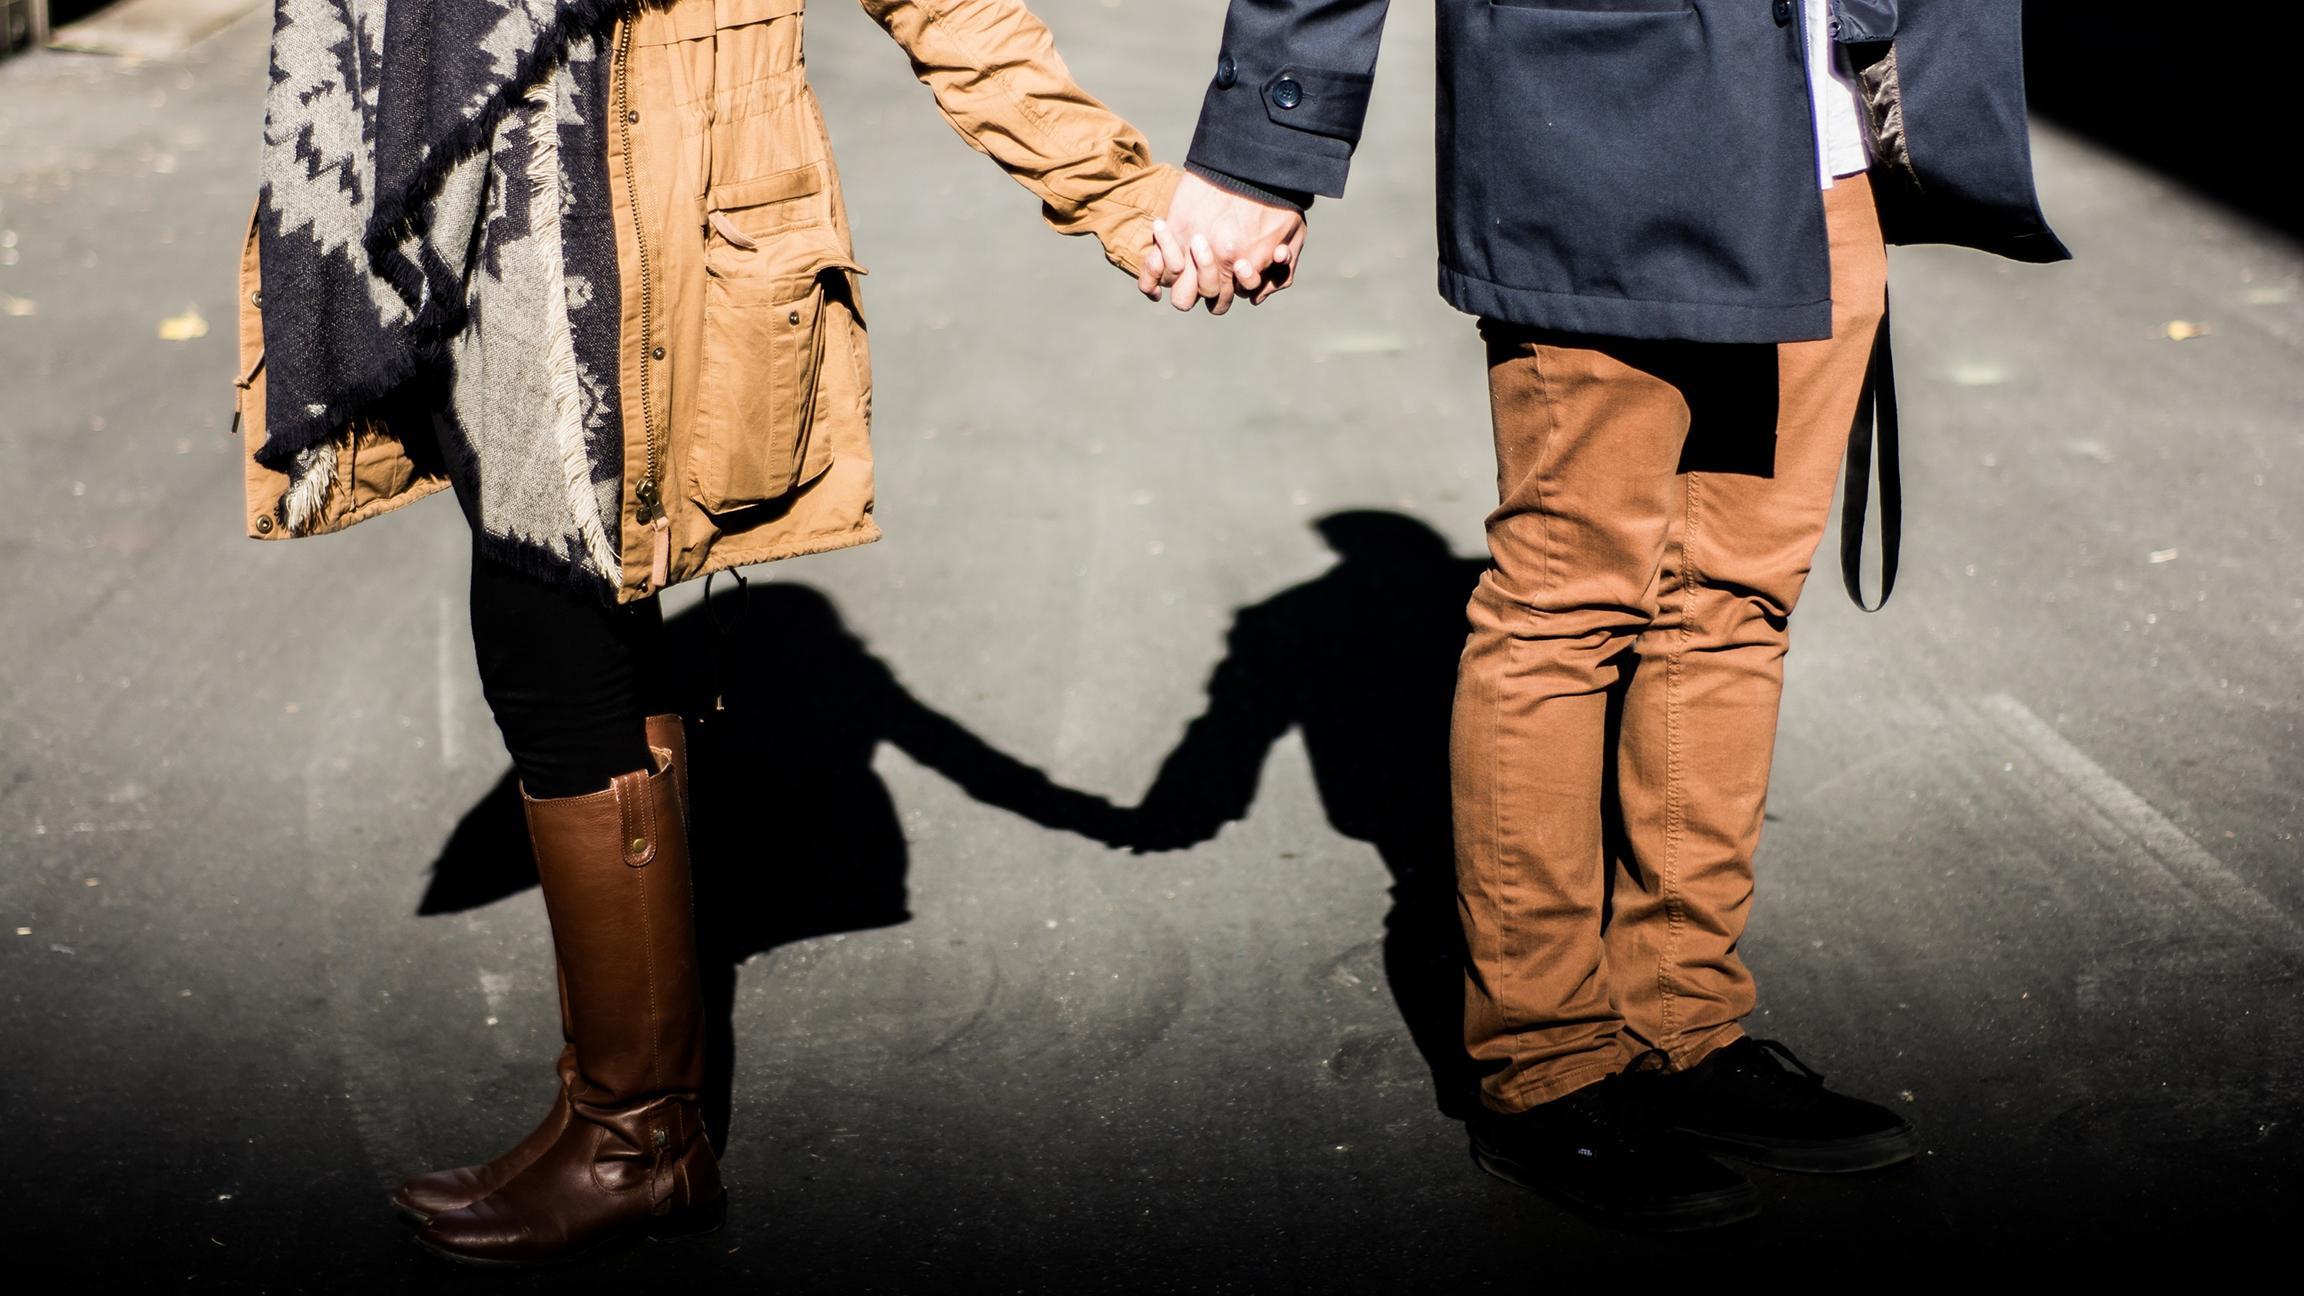 hacked dating simuleringsspil Hvad er nogle gode spørgsmål til at spørge en pige på et dating site